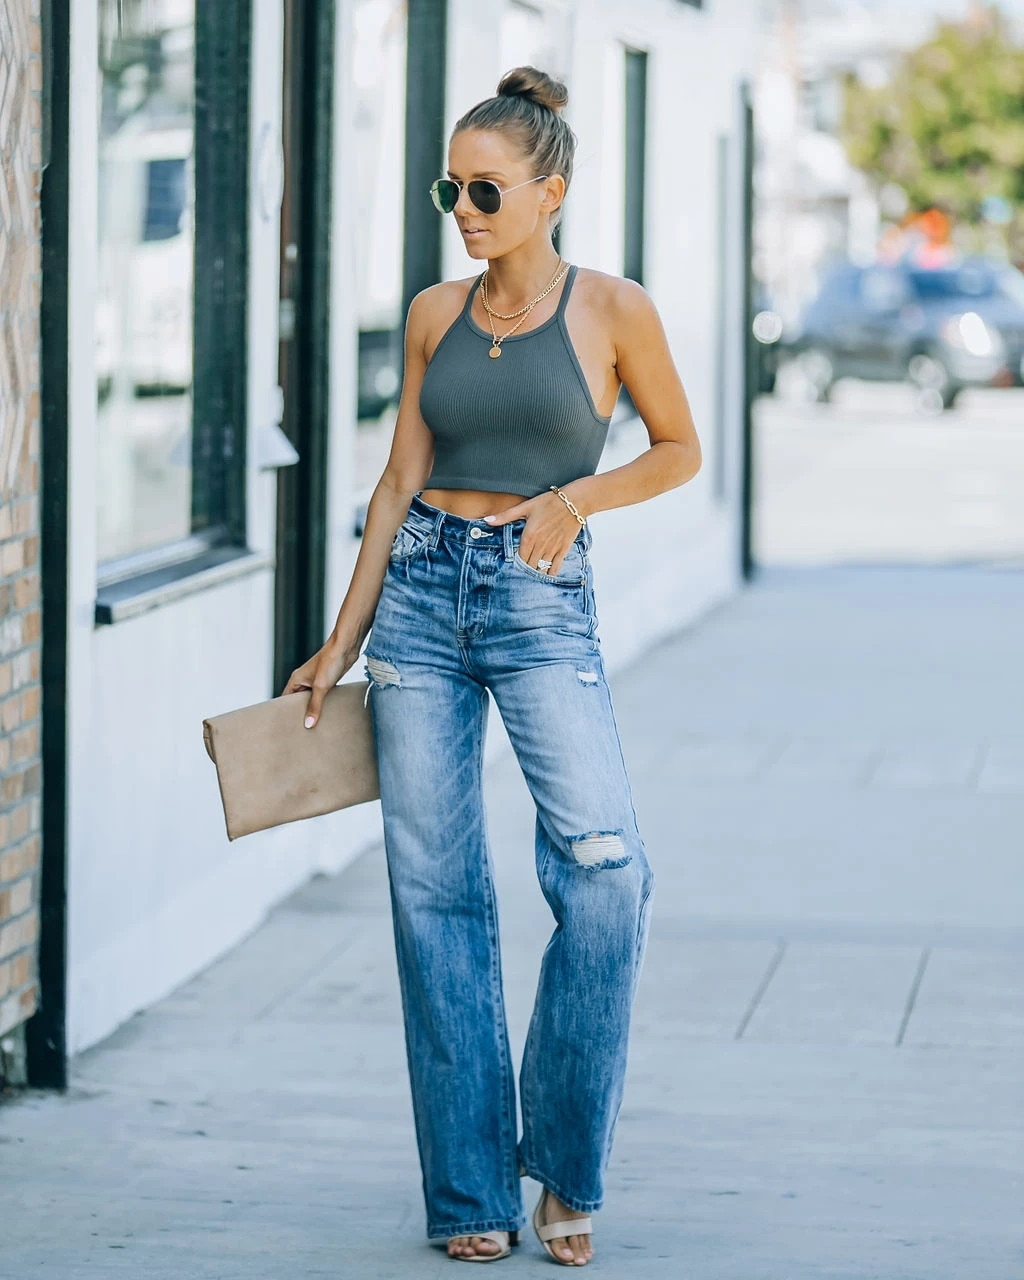 Повседневные широкие брюки, женские джинсовые брюки со средней талией, женские брюки, женские брюки, джинсы с высокой талией, женские брюки ...